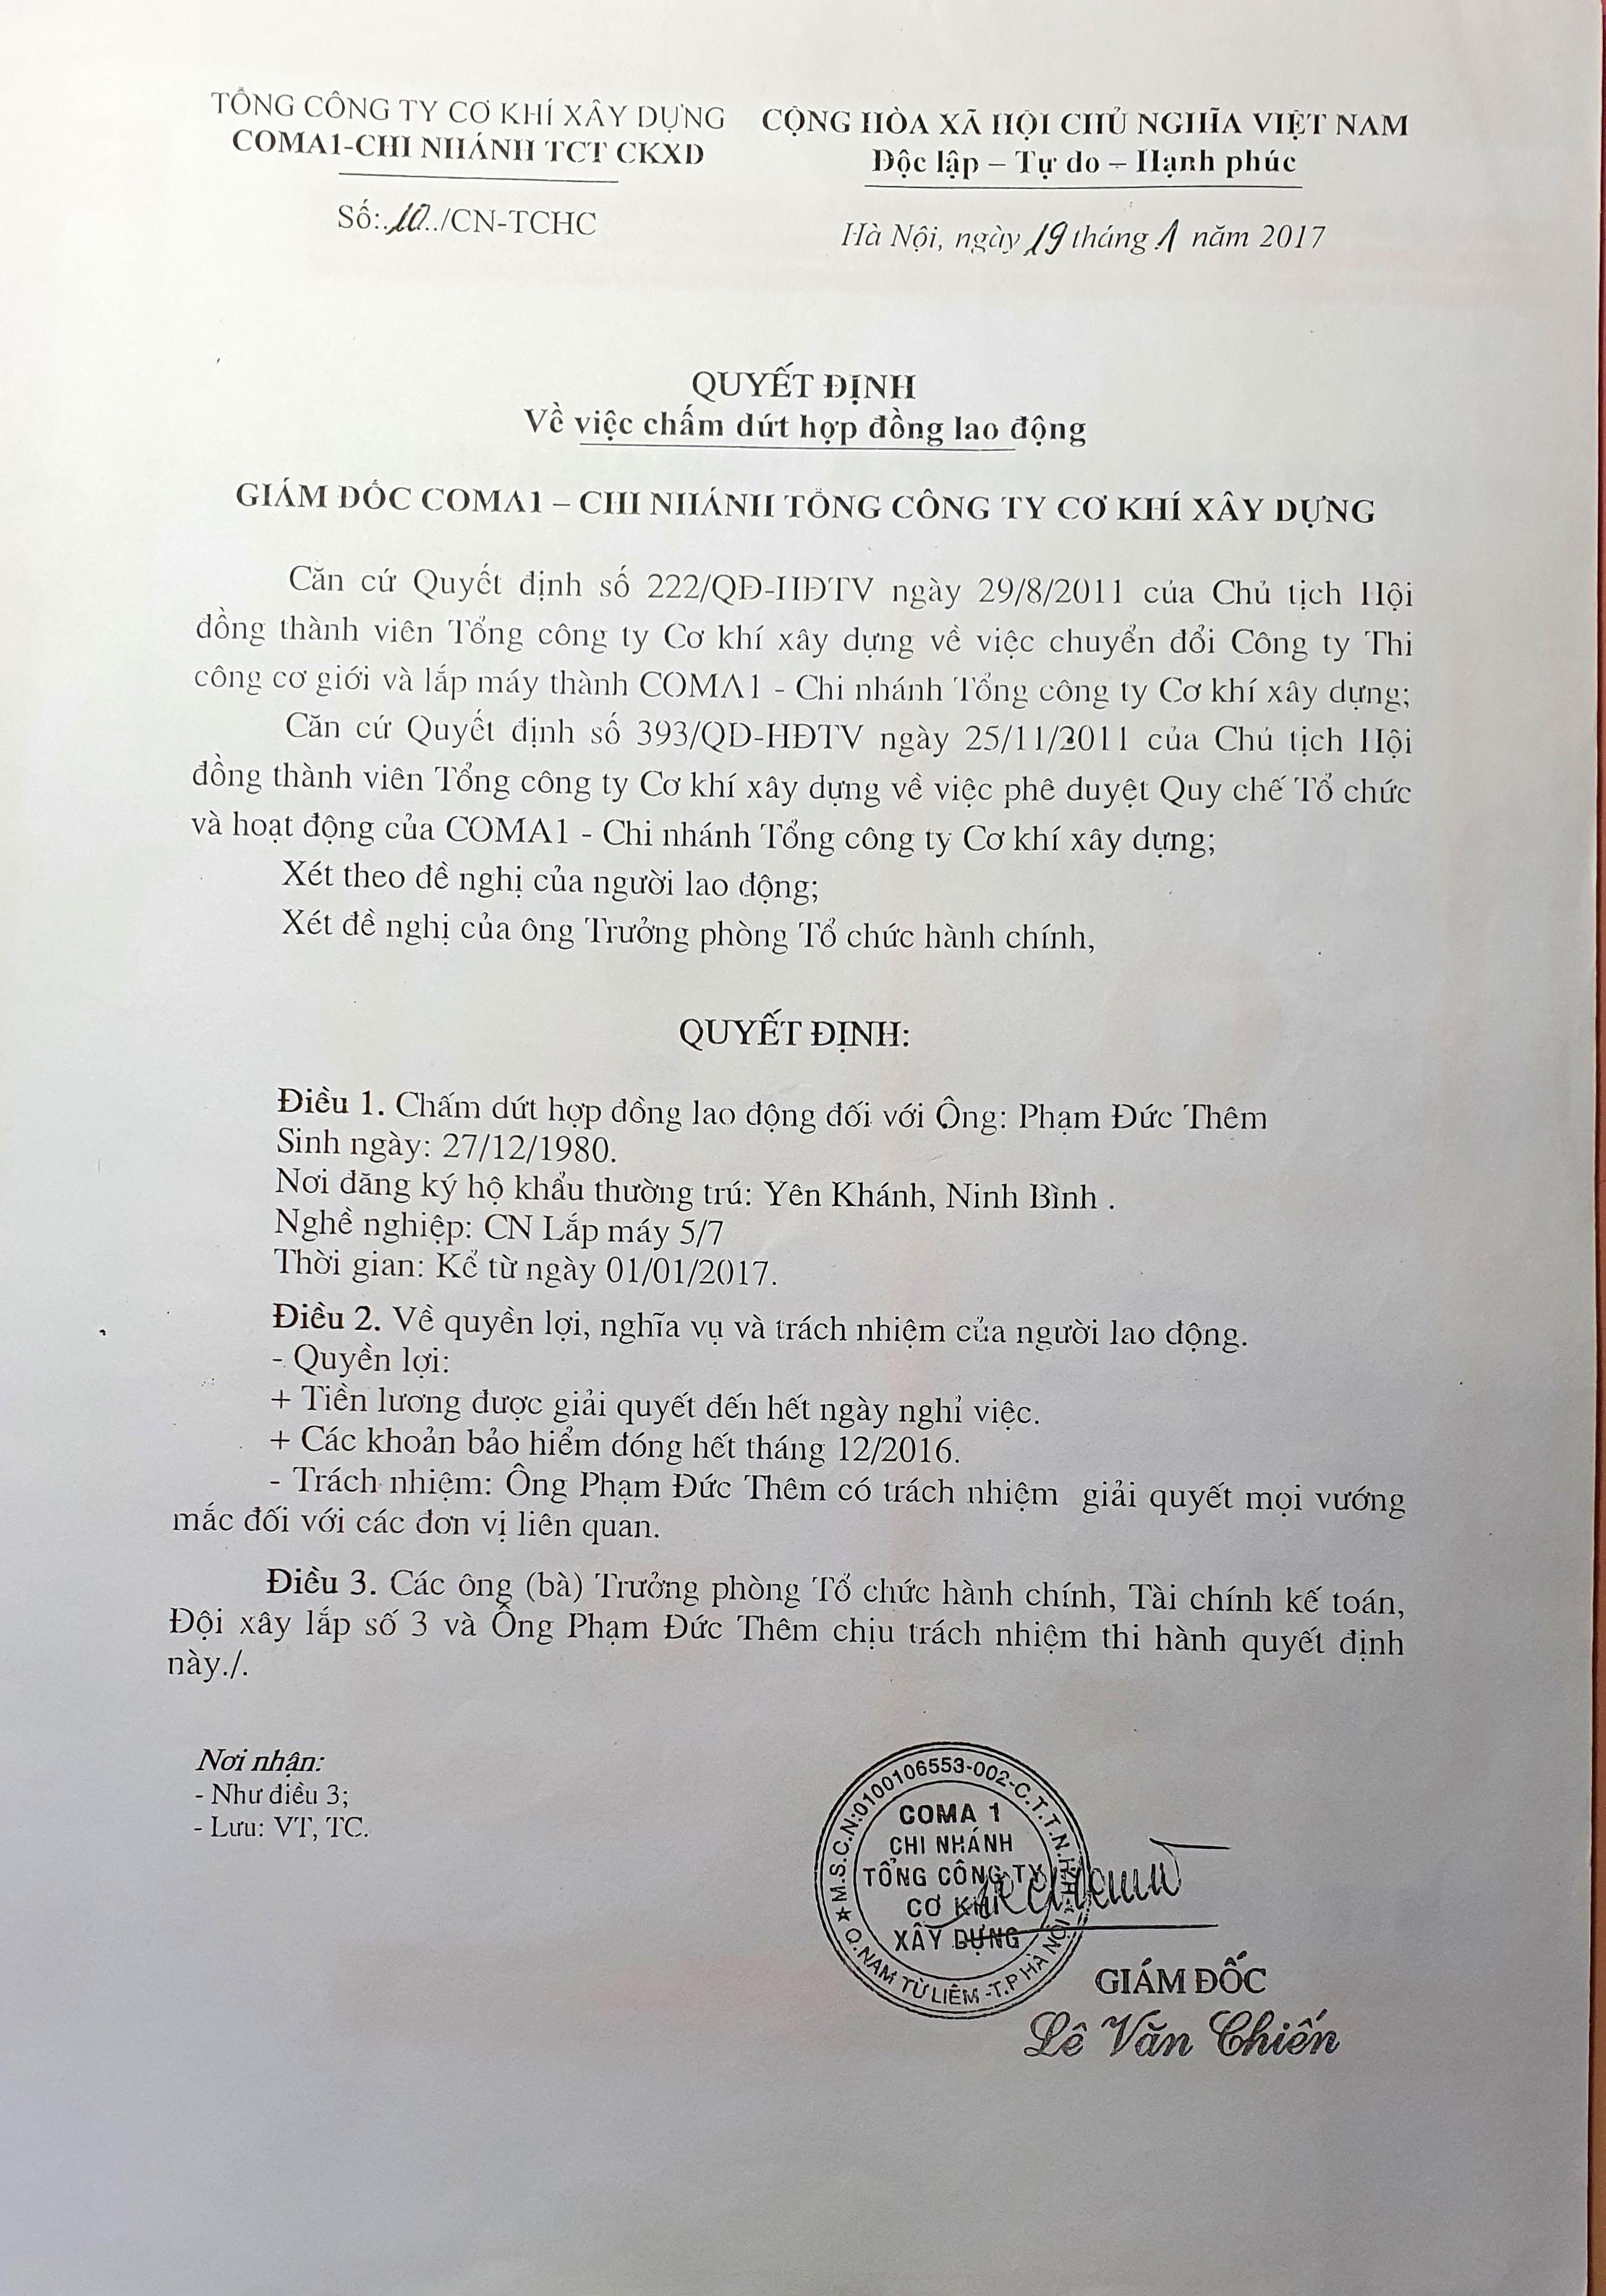 Mặc dù đã nhận được quyết định chấm dứt hợp đồng lao động nhưng đã 4 năm nay ông Thêm chưa nhận được sổ BHXH.